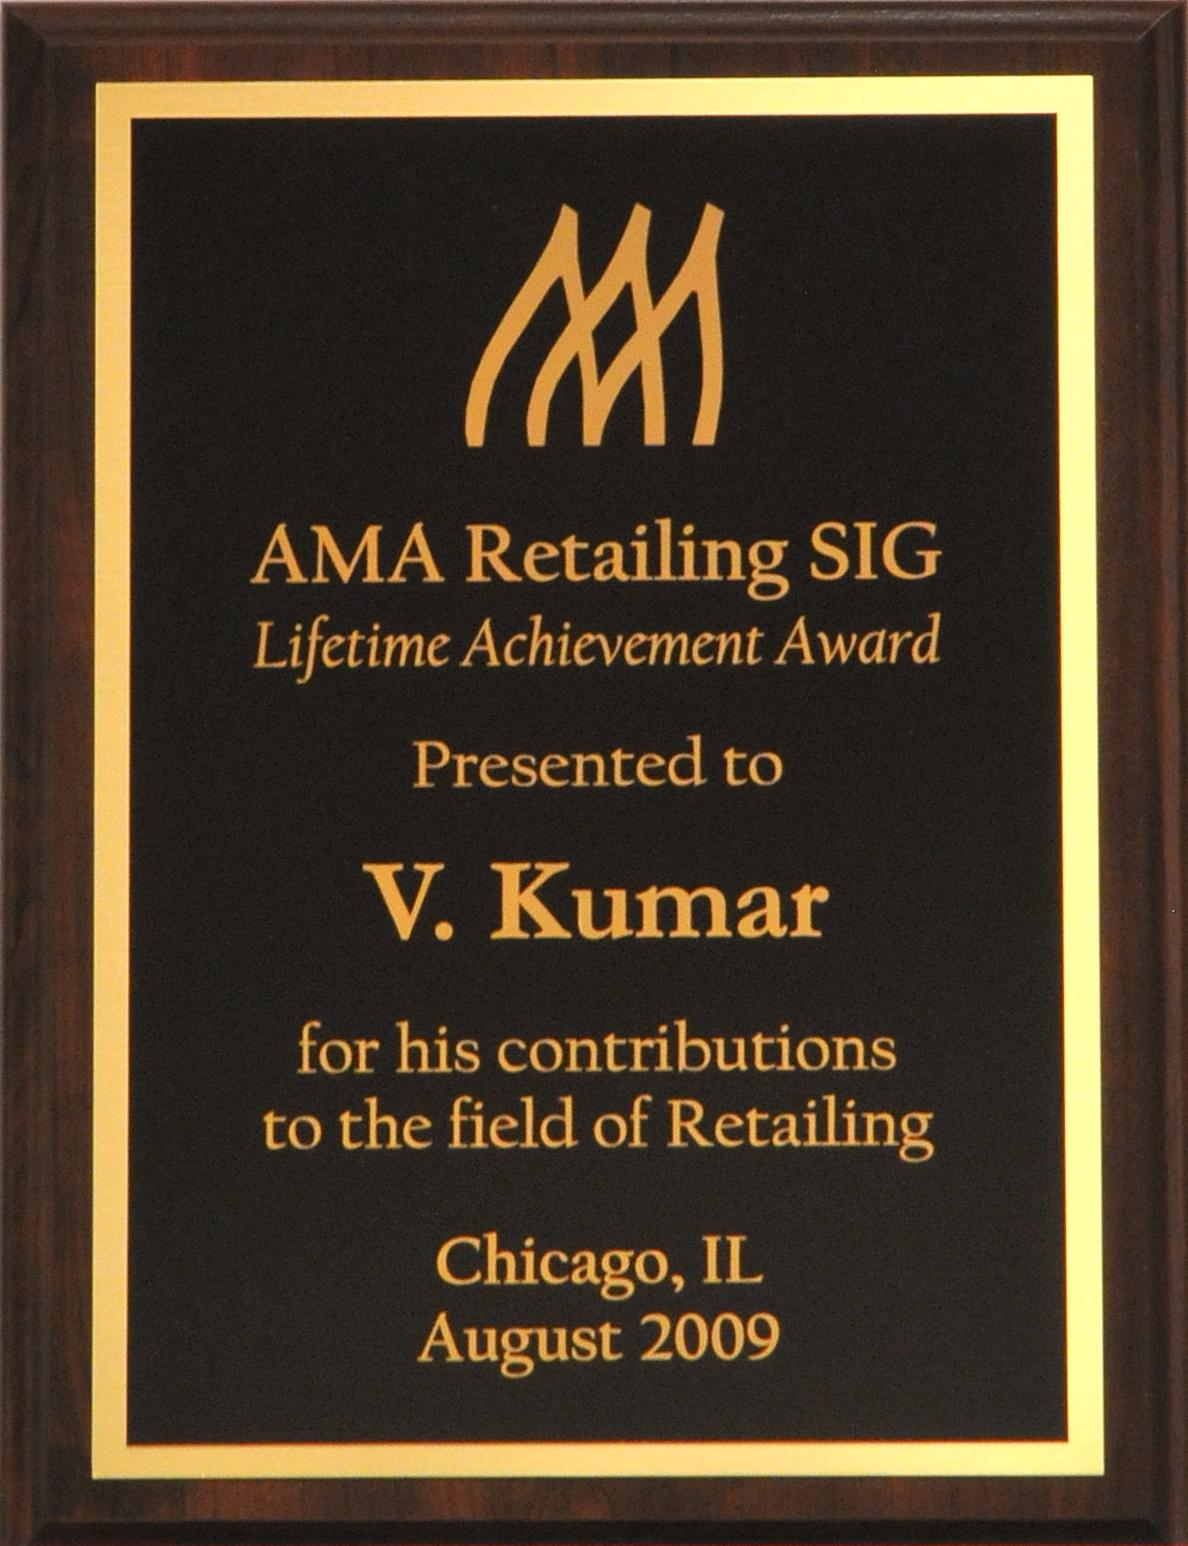 AMA Retailing SIG